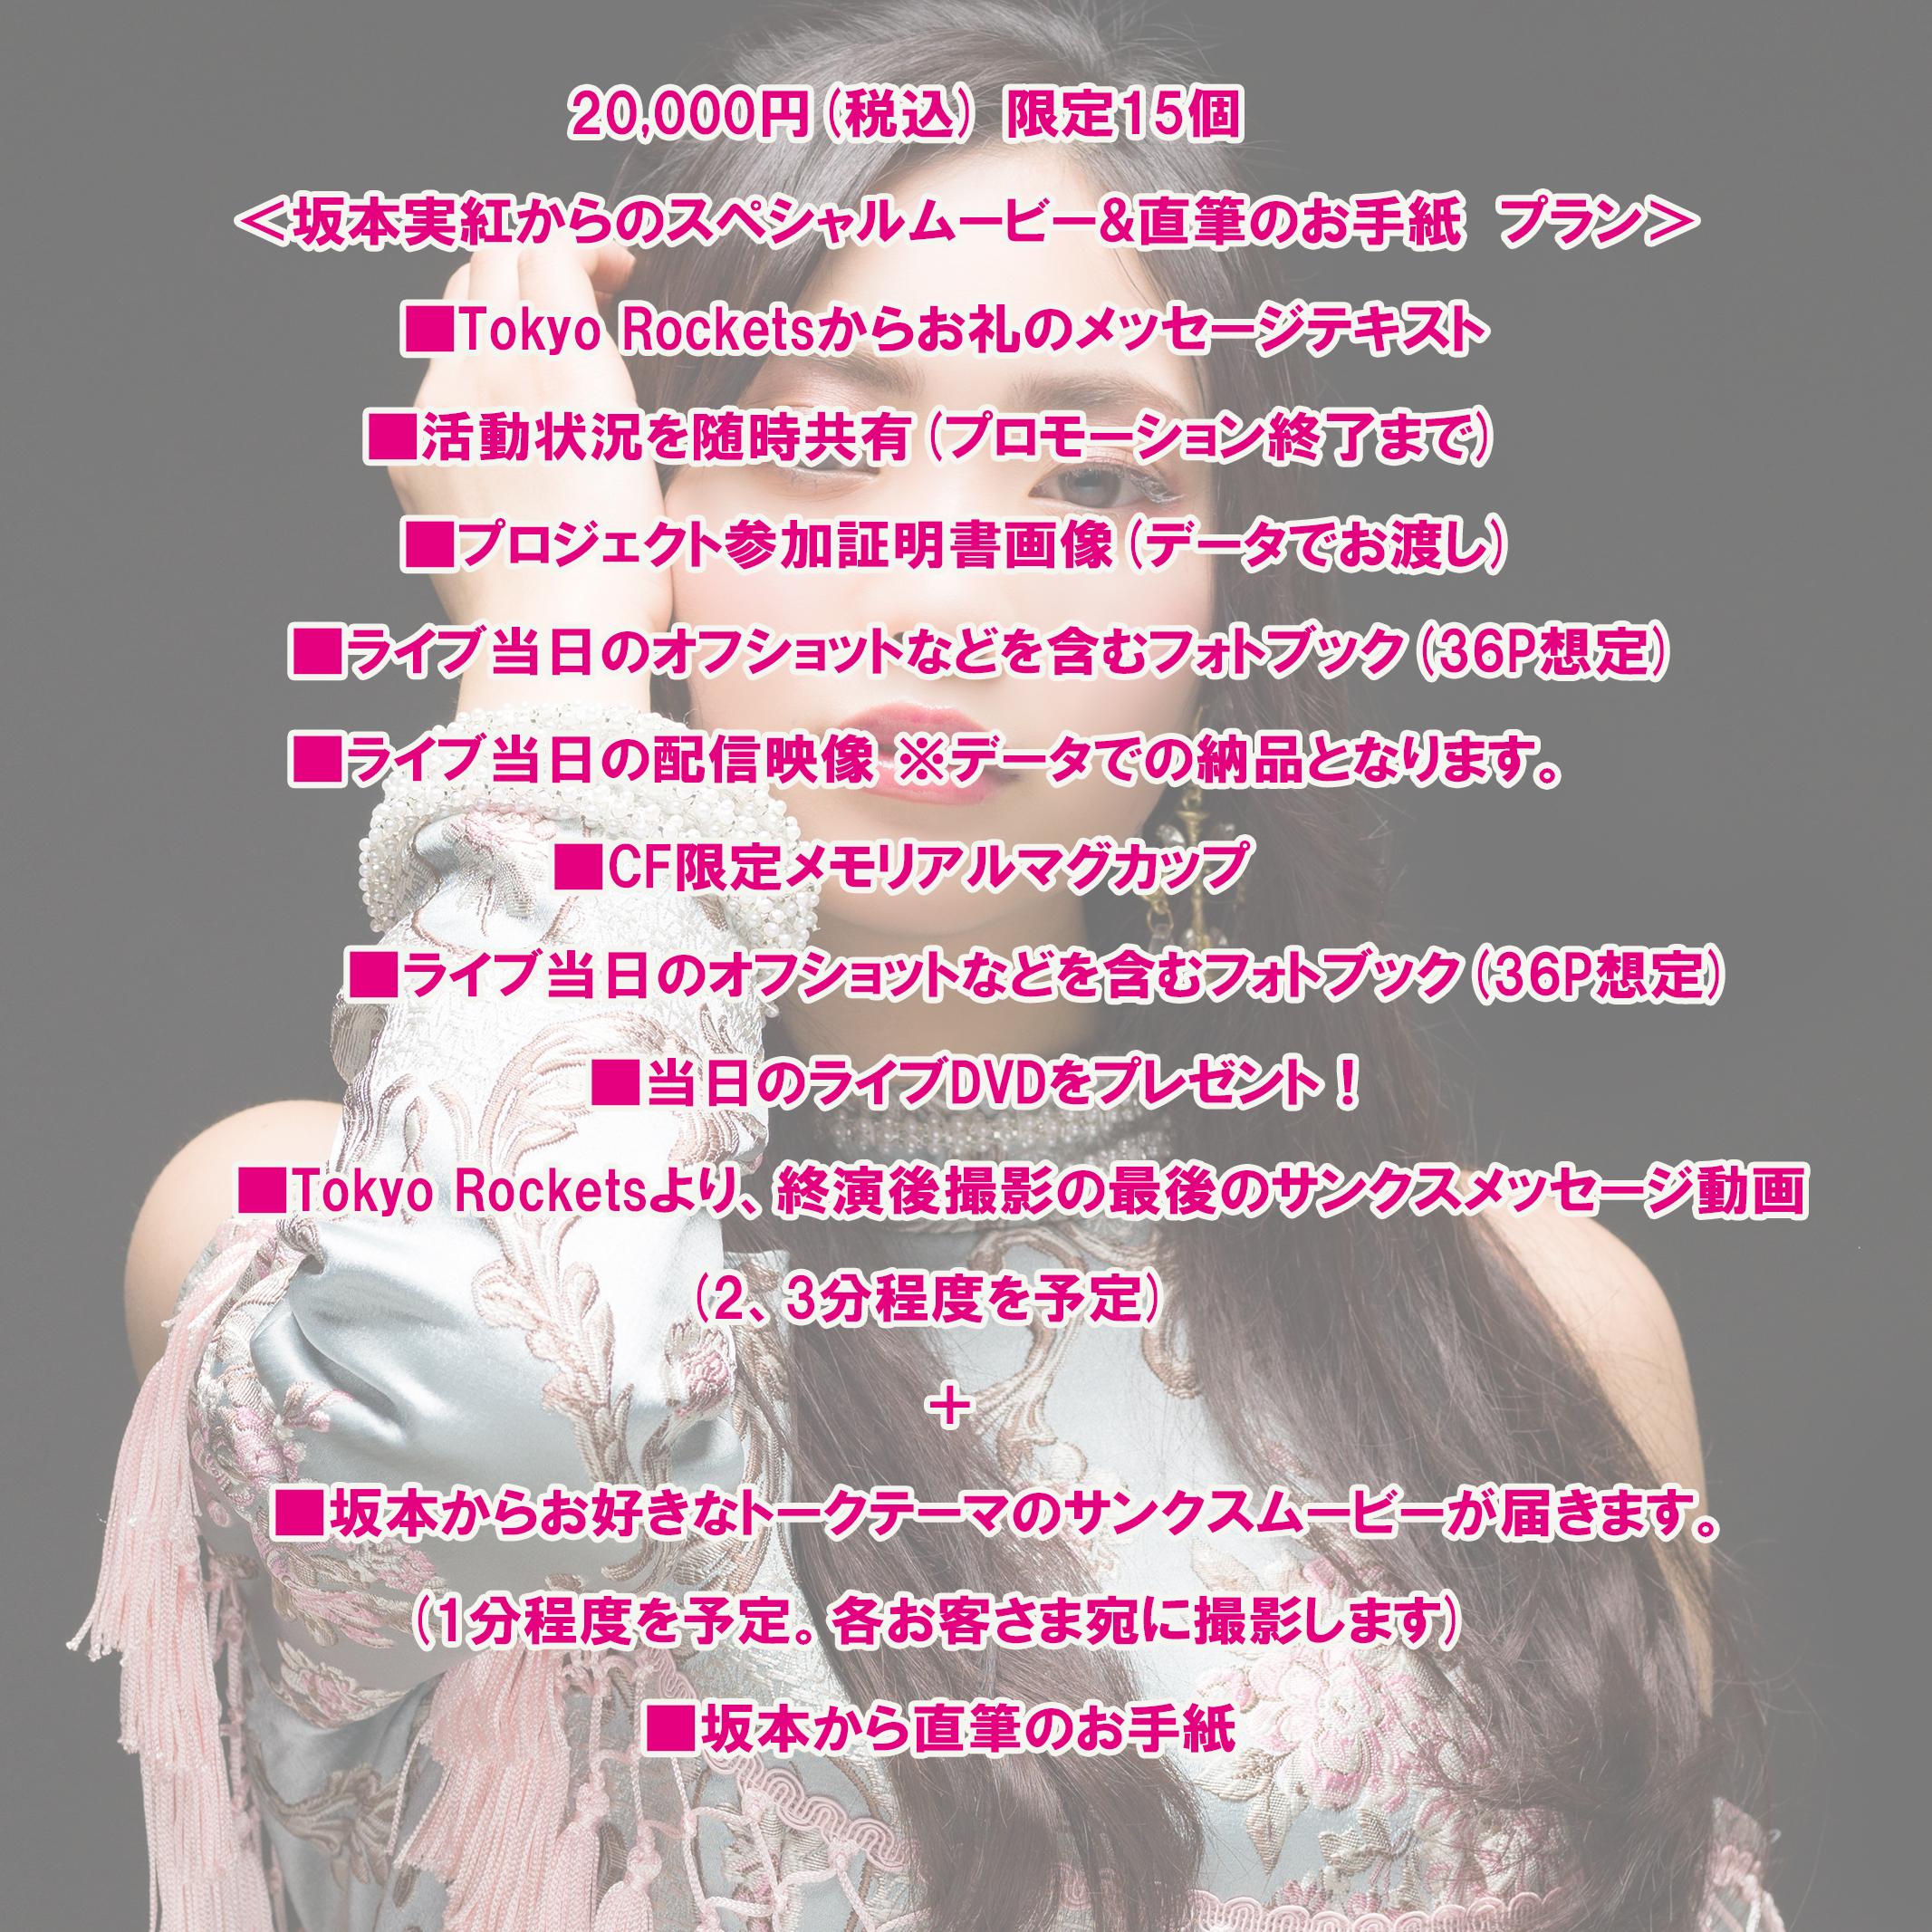 <坂本実紅からのスペシャルムービー&直筆のお手紙 プラン>限定15個